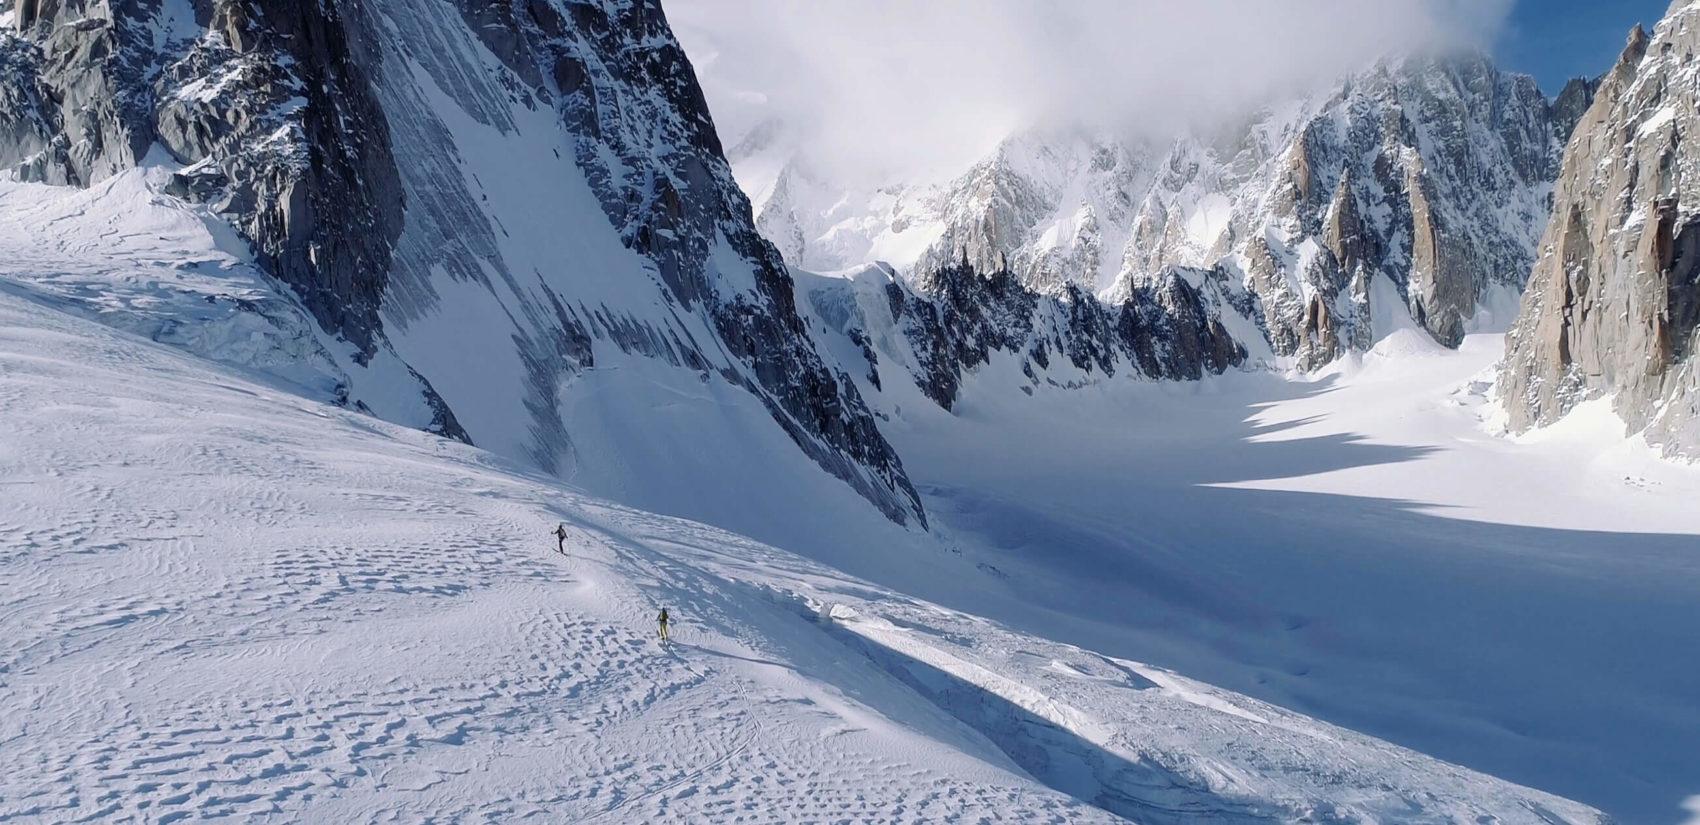 2 skieurs montent en ski de rando à la pointe d'Helbronner, Mont Blanc, plan d'ensemble vue en drone